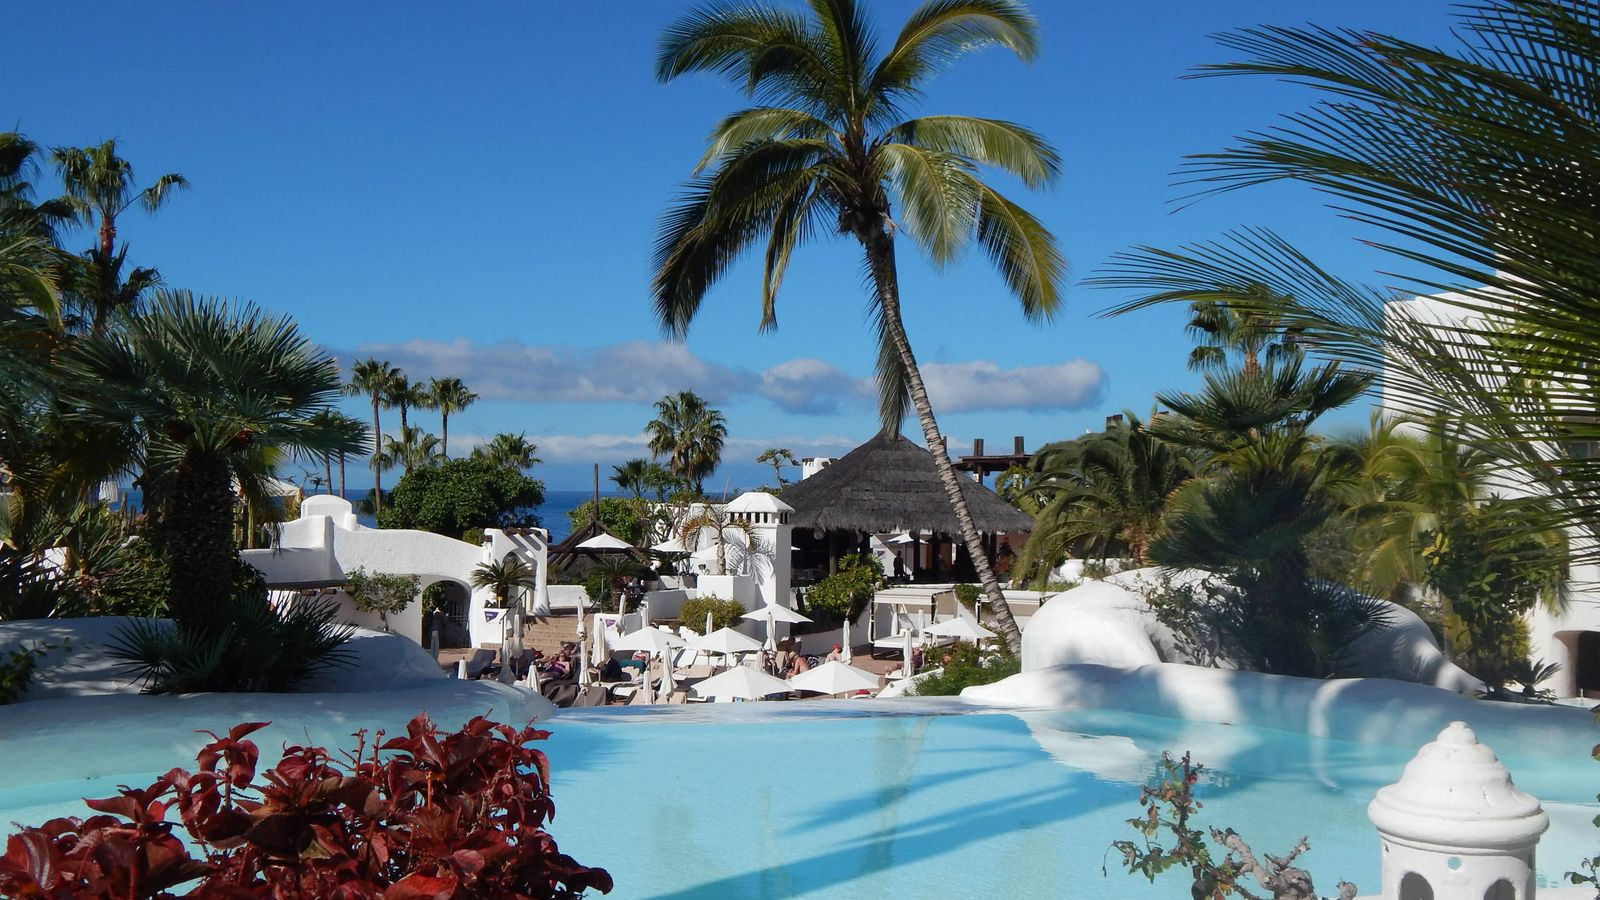 Foto: Así es el hotel Jardín Tropical de Costa Adeje, en Tenerife. (Foto: Cortesía)